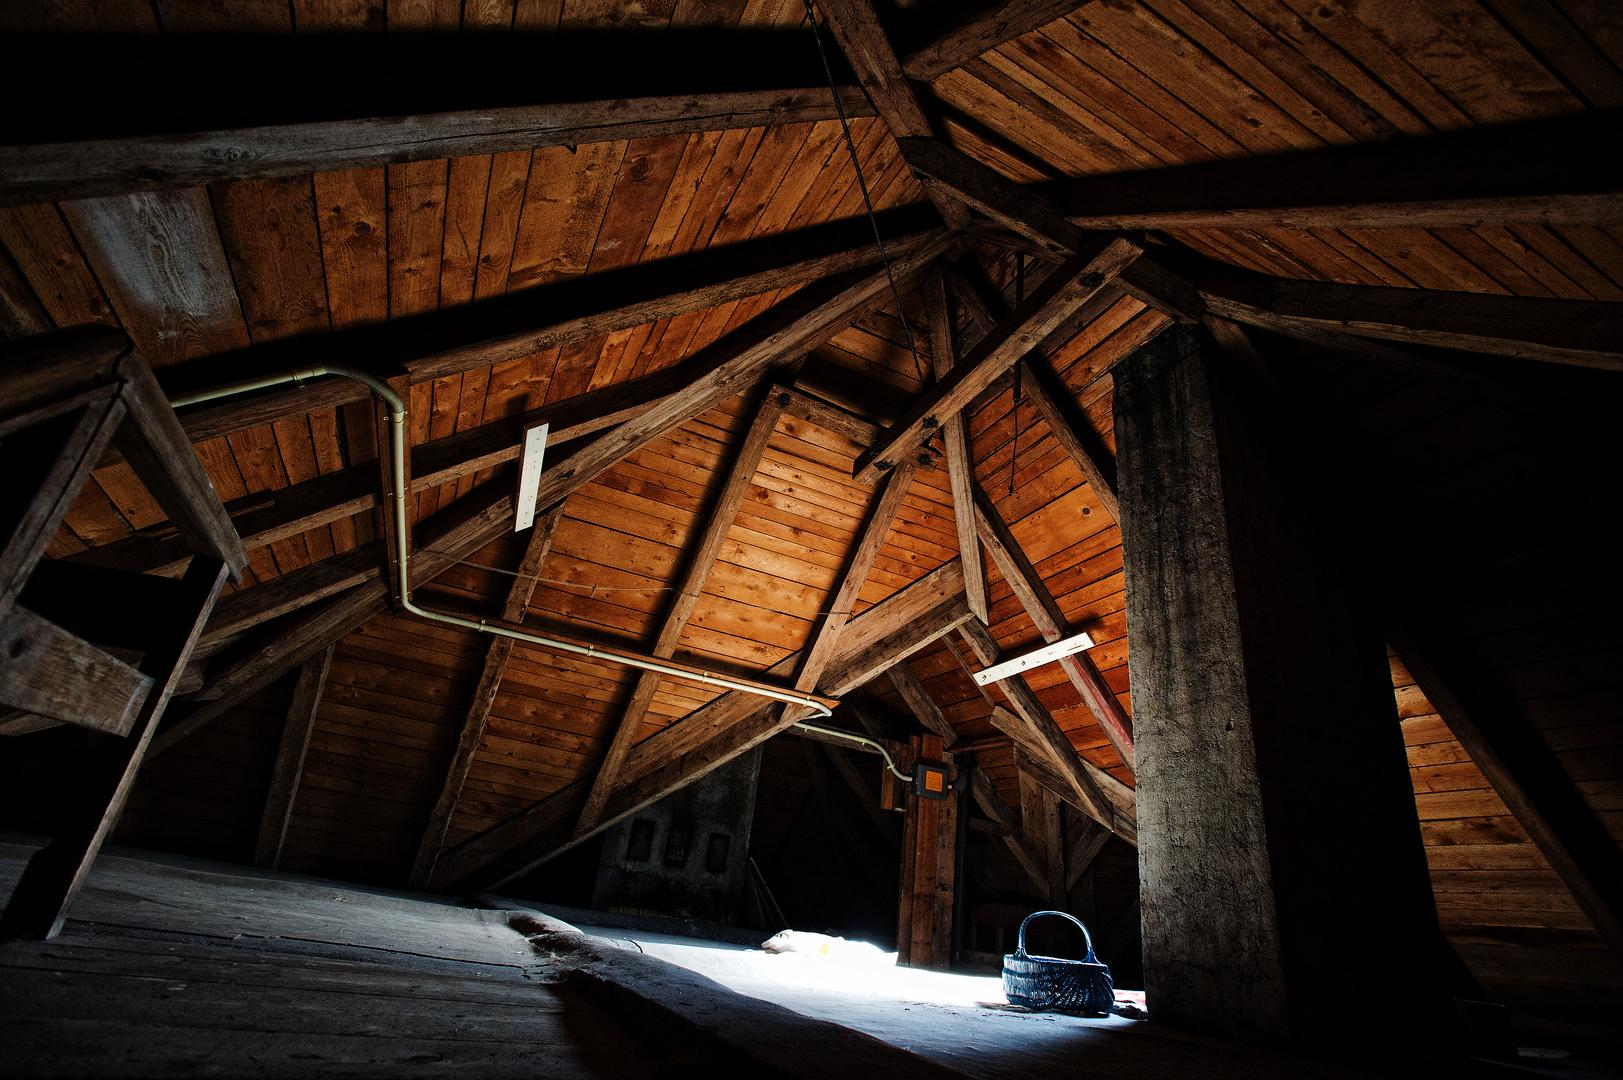 Dachbodenfund